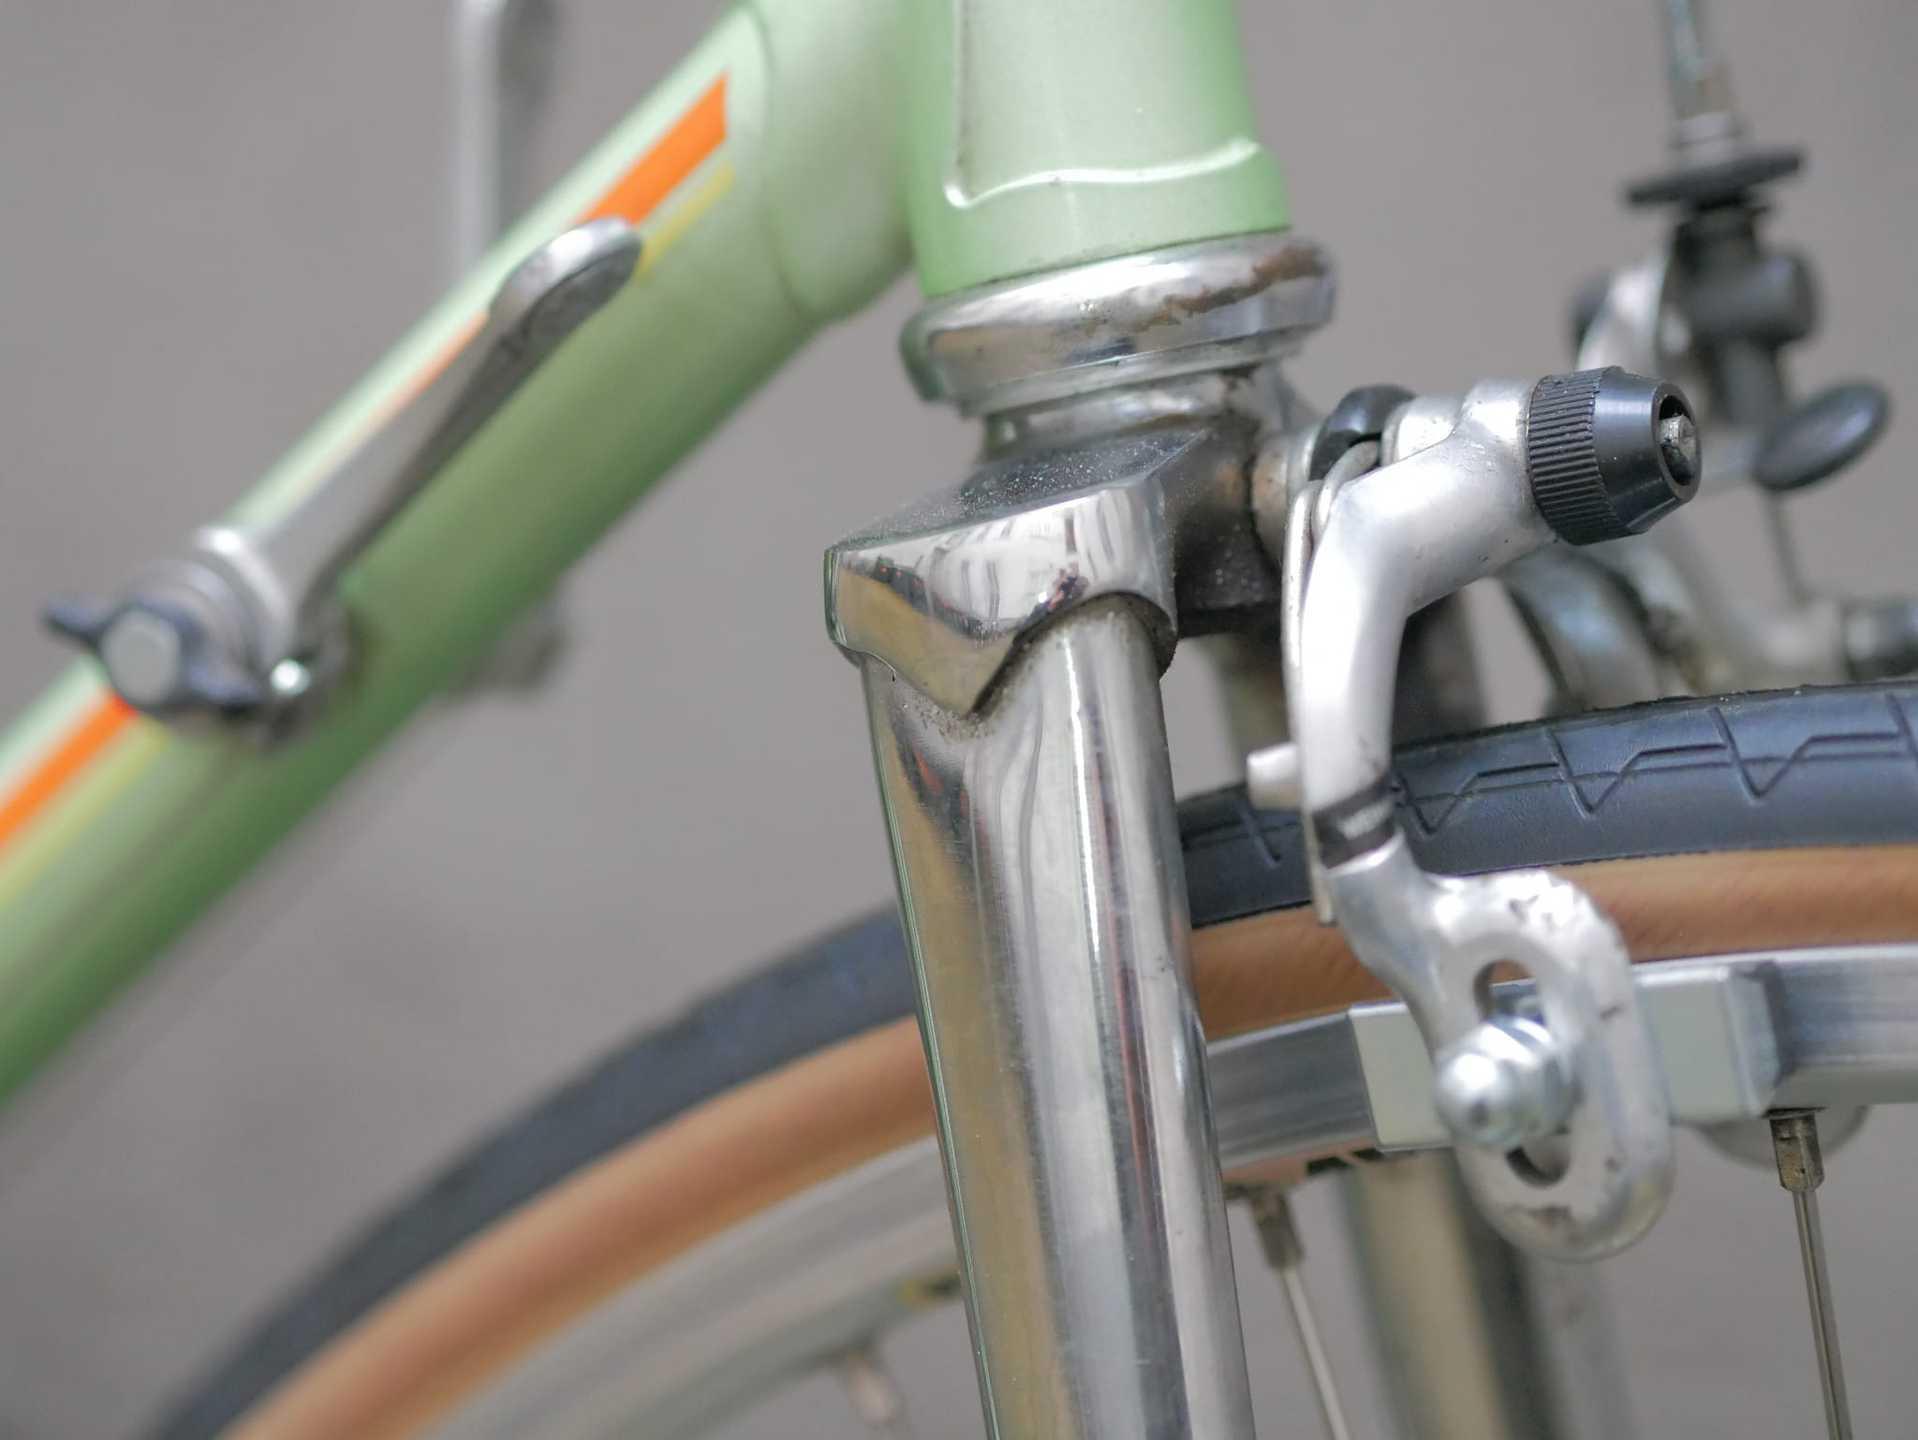 P1090030 - Peugeot custom vintage bike